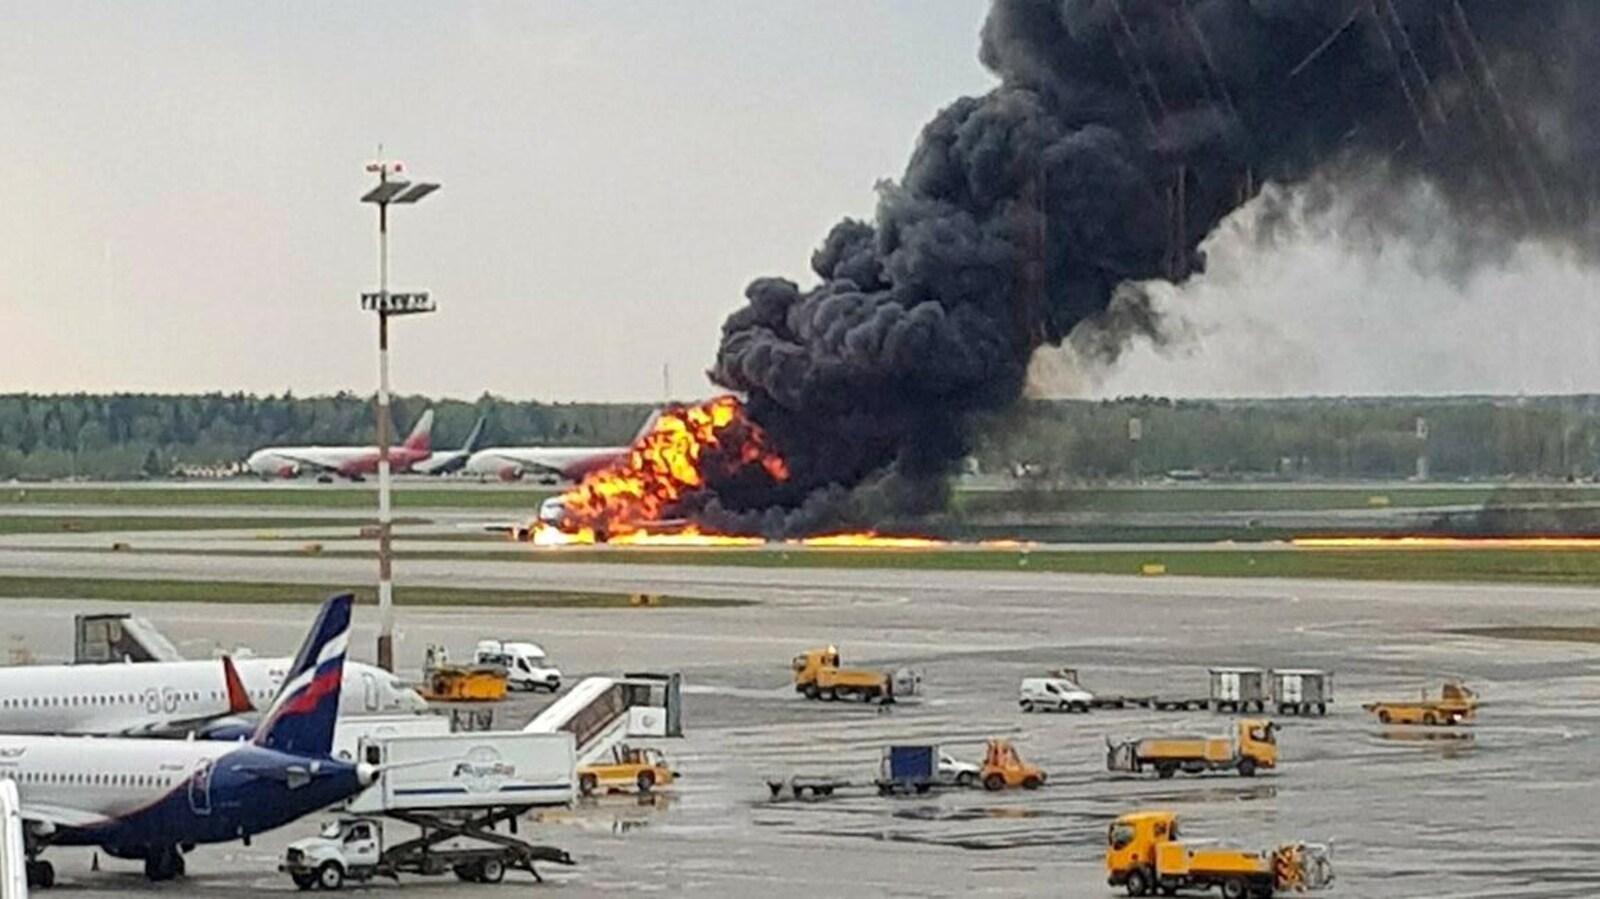 Un avion en flammes sur une piste d'un aéroport